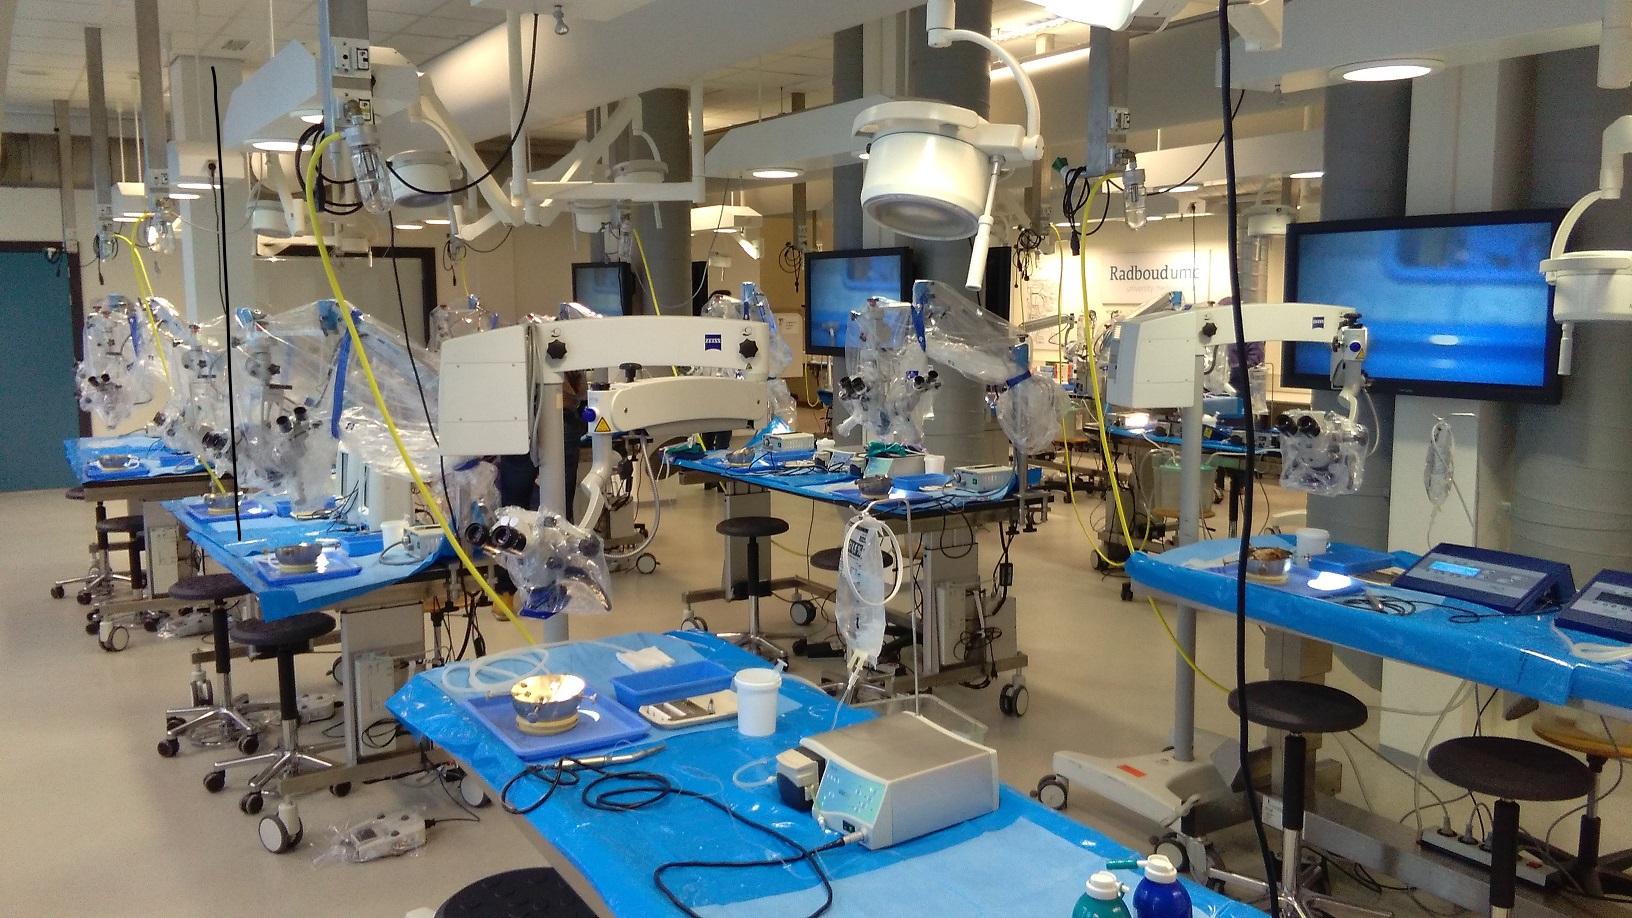 nijmegen_ear_course_bone_lab.jpg